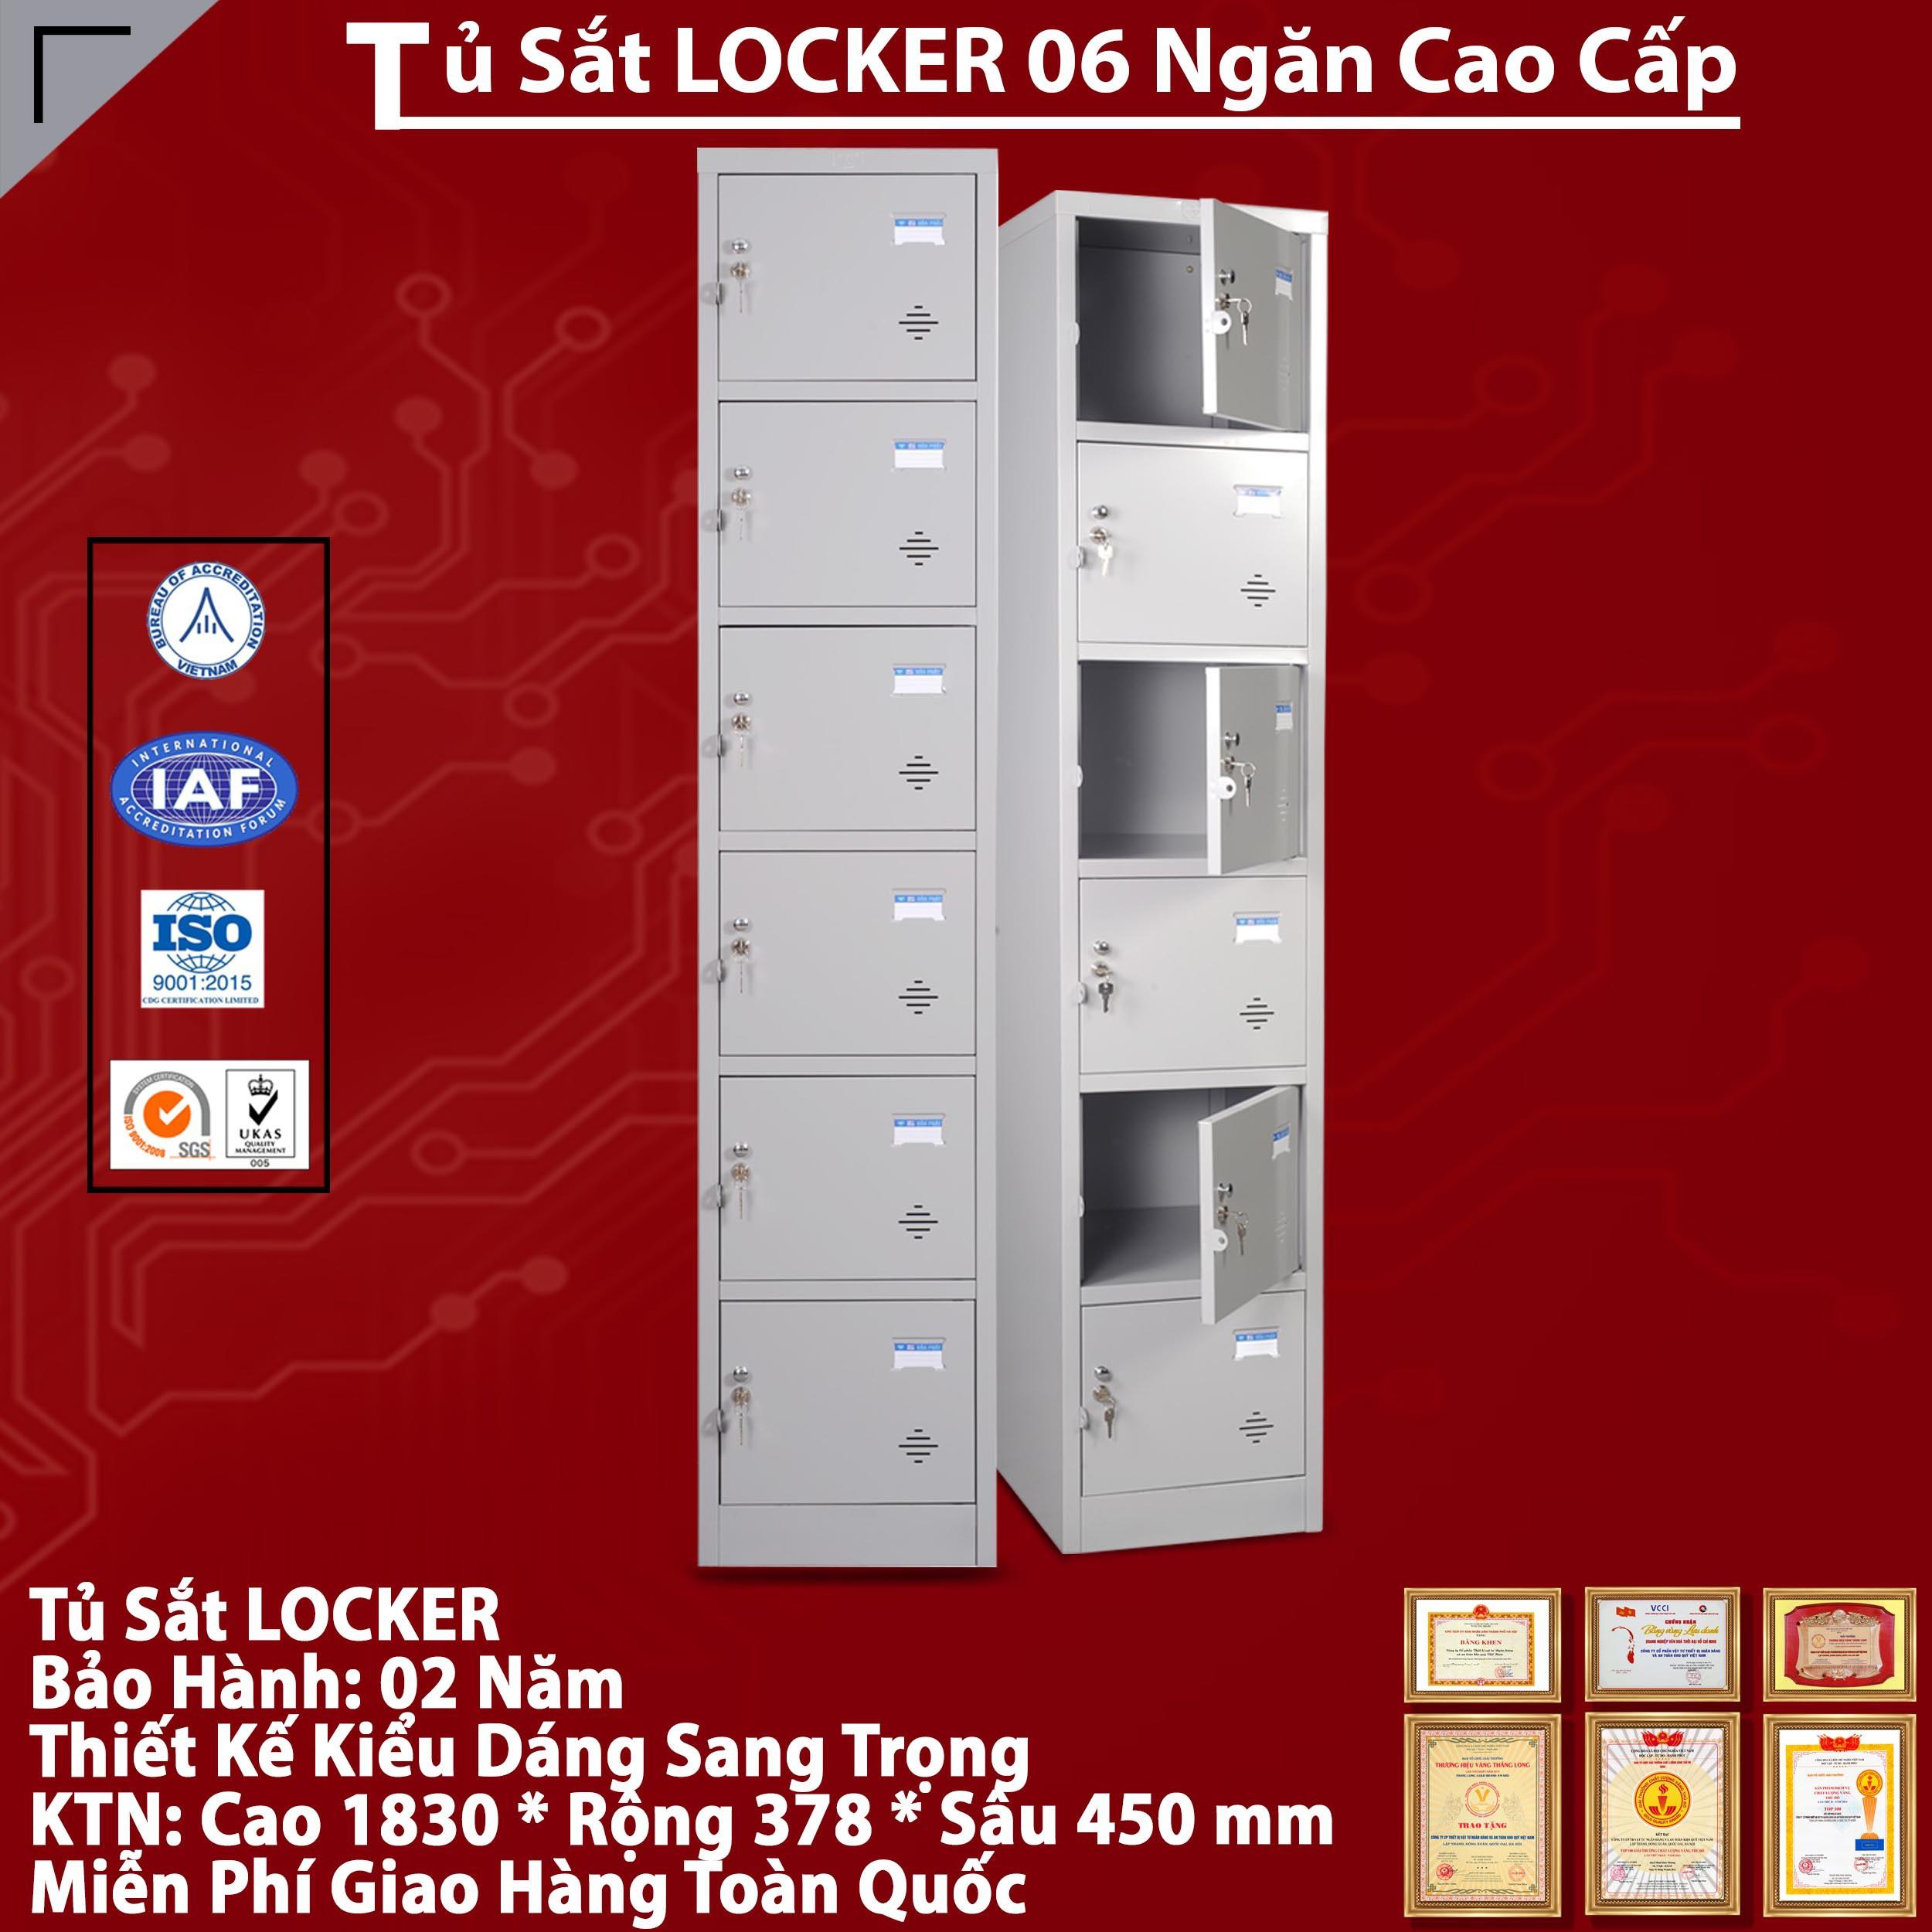 Nơi bán Tủ Locker 6 Ngăn giá rẻ, uy tín, chất lượng nhất